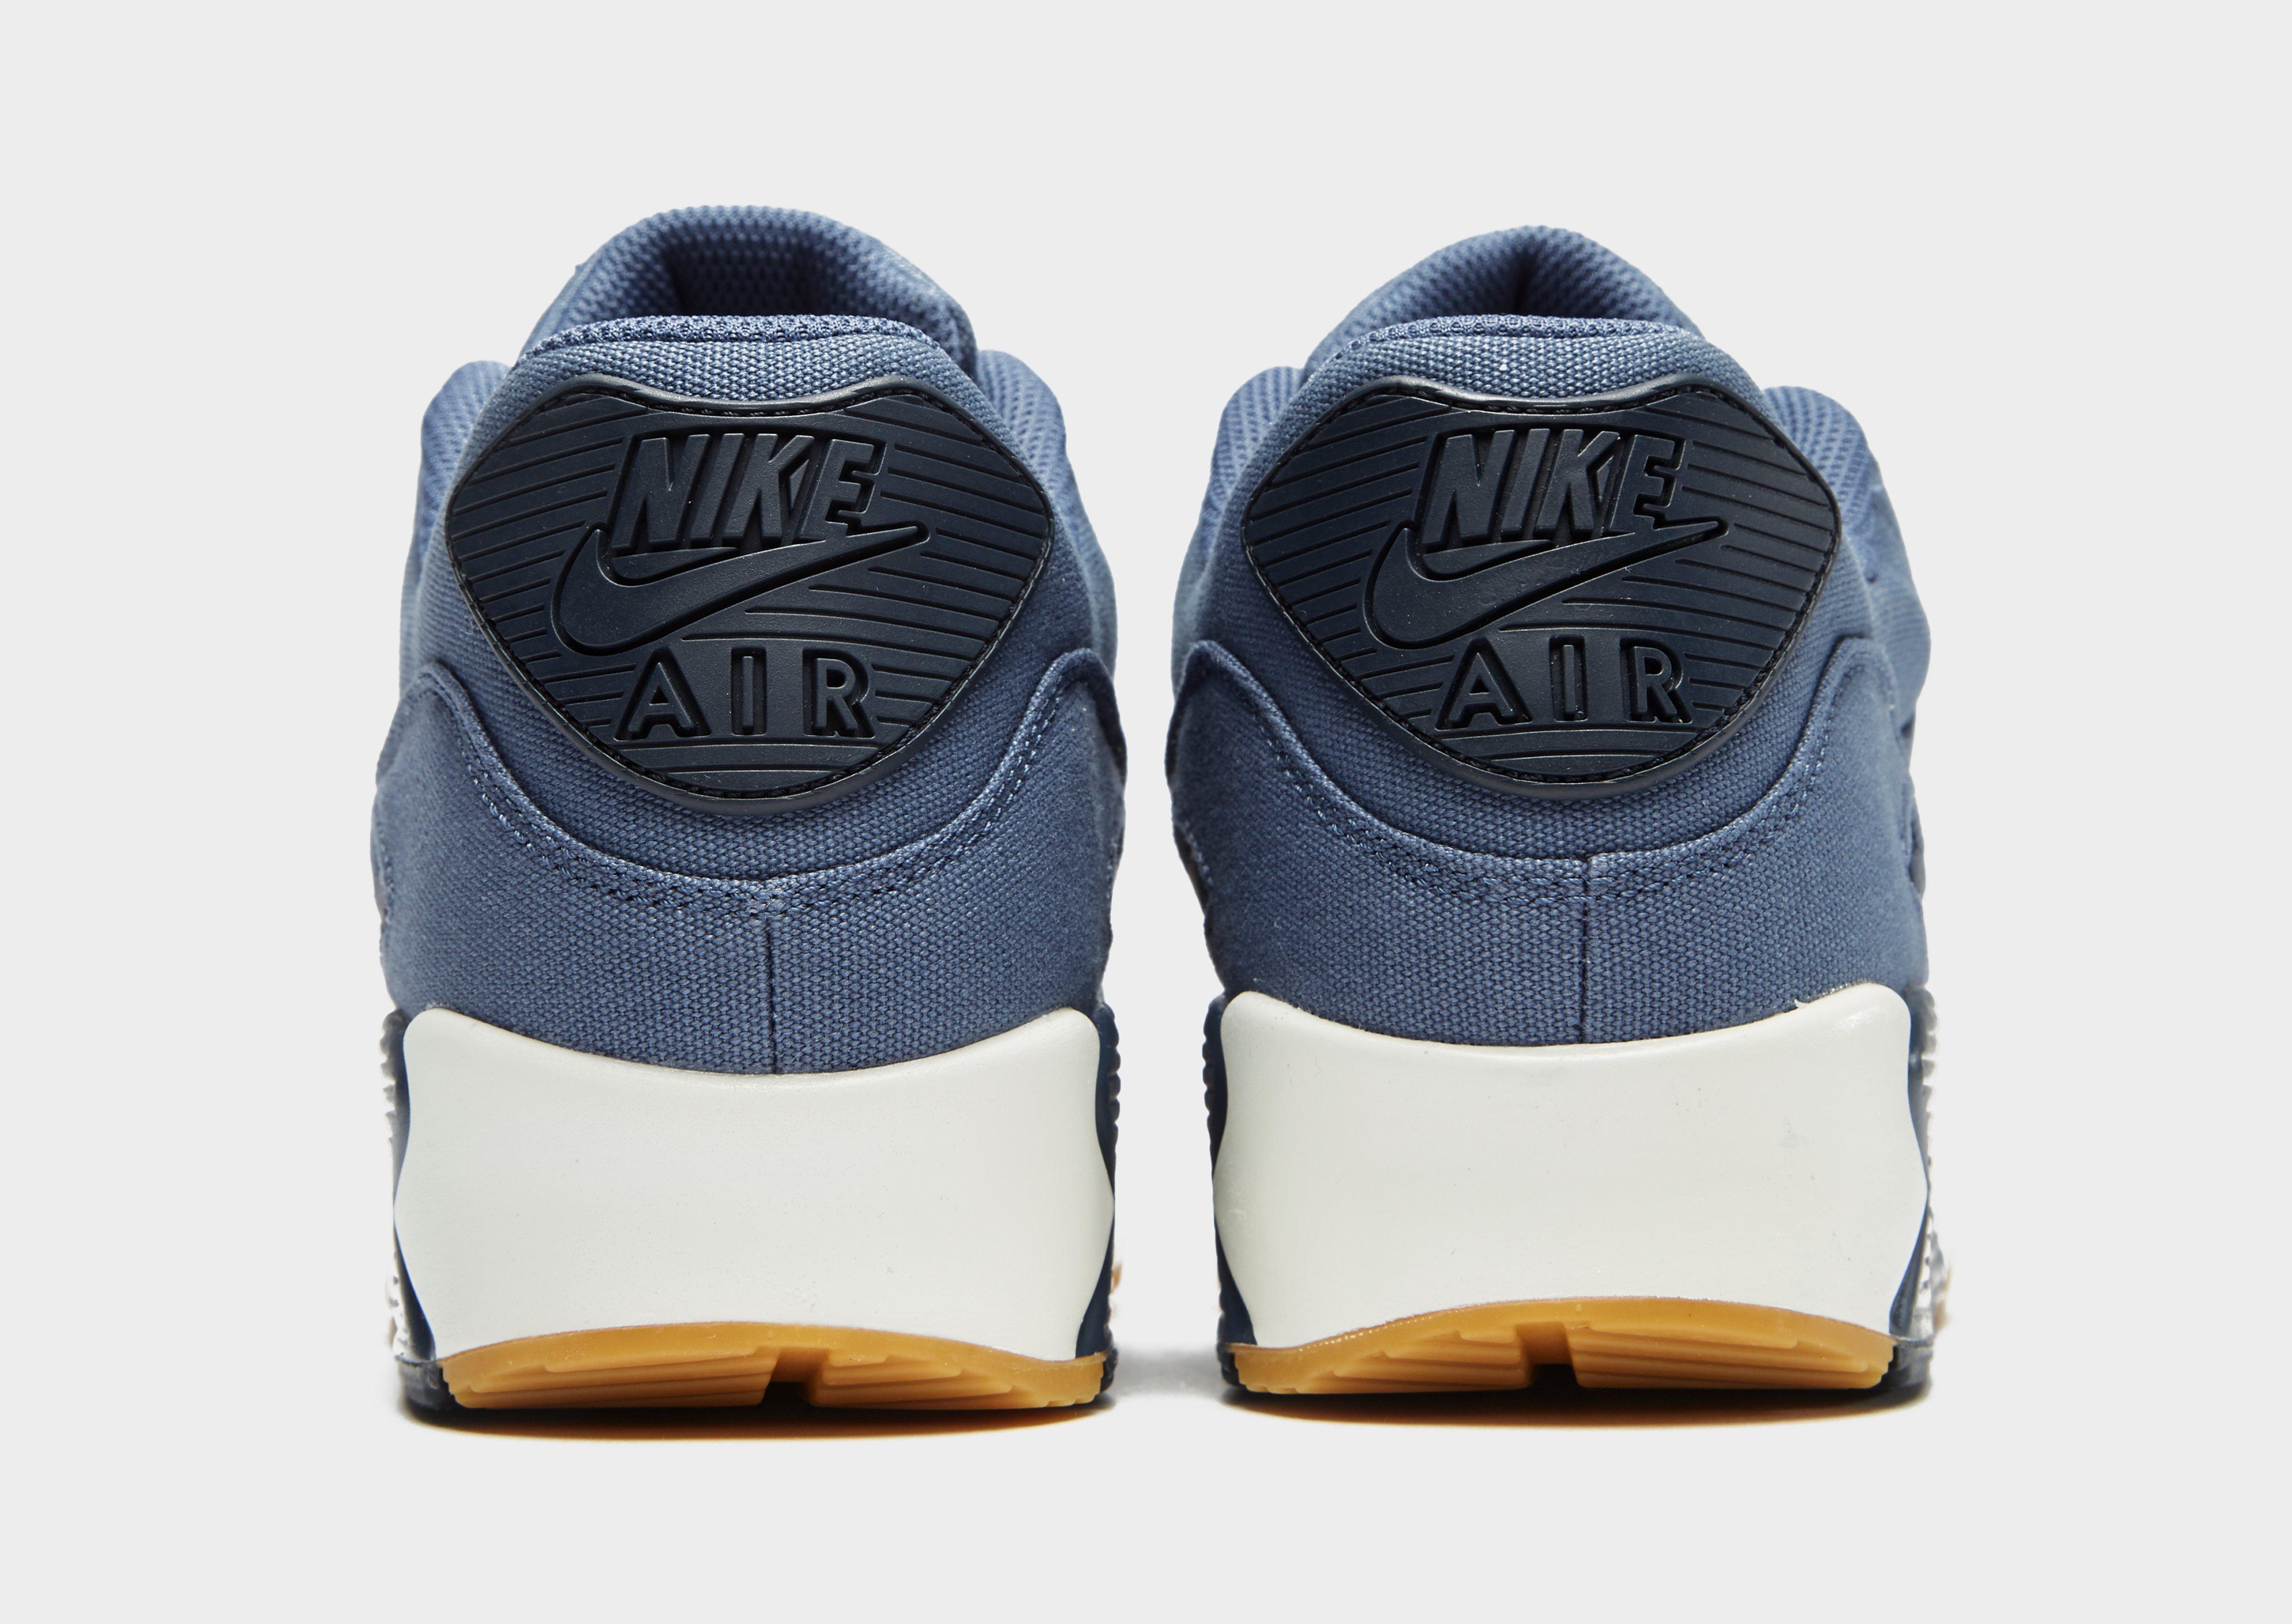 Air Max 90 Textile